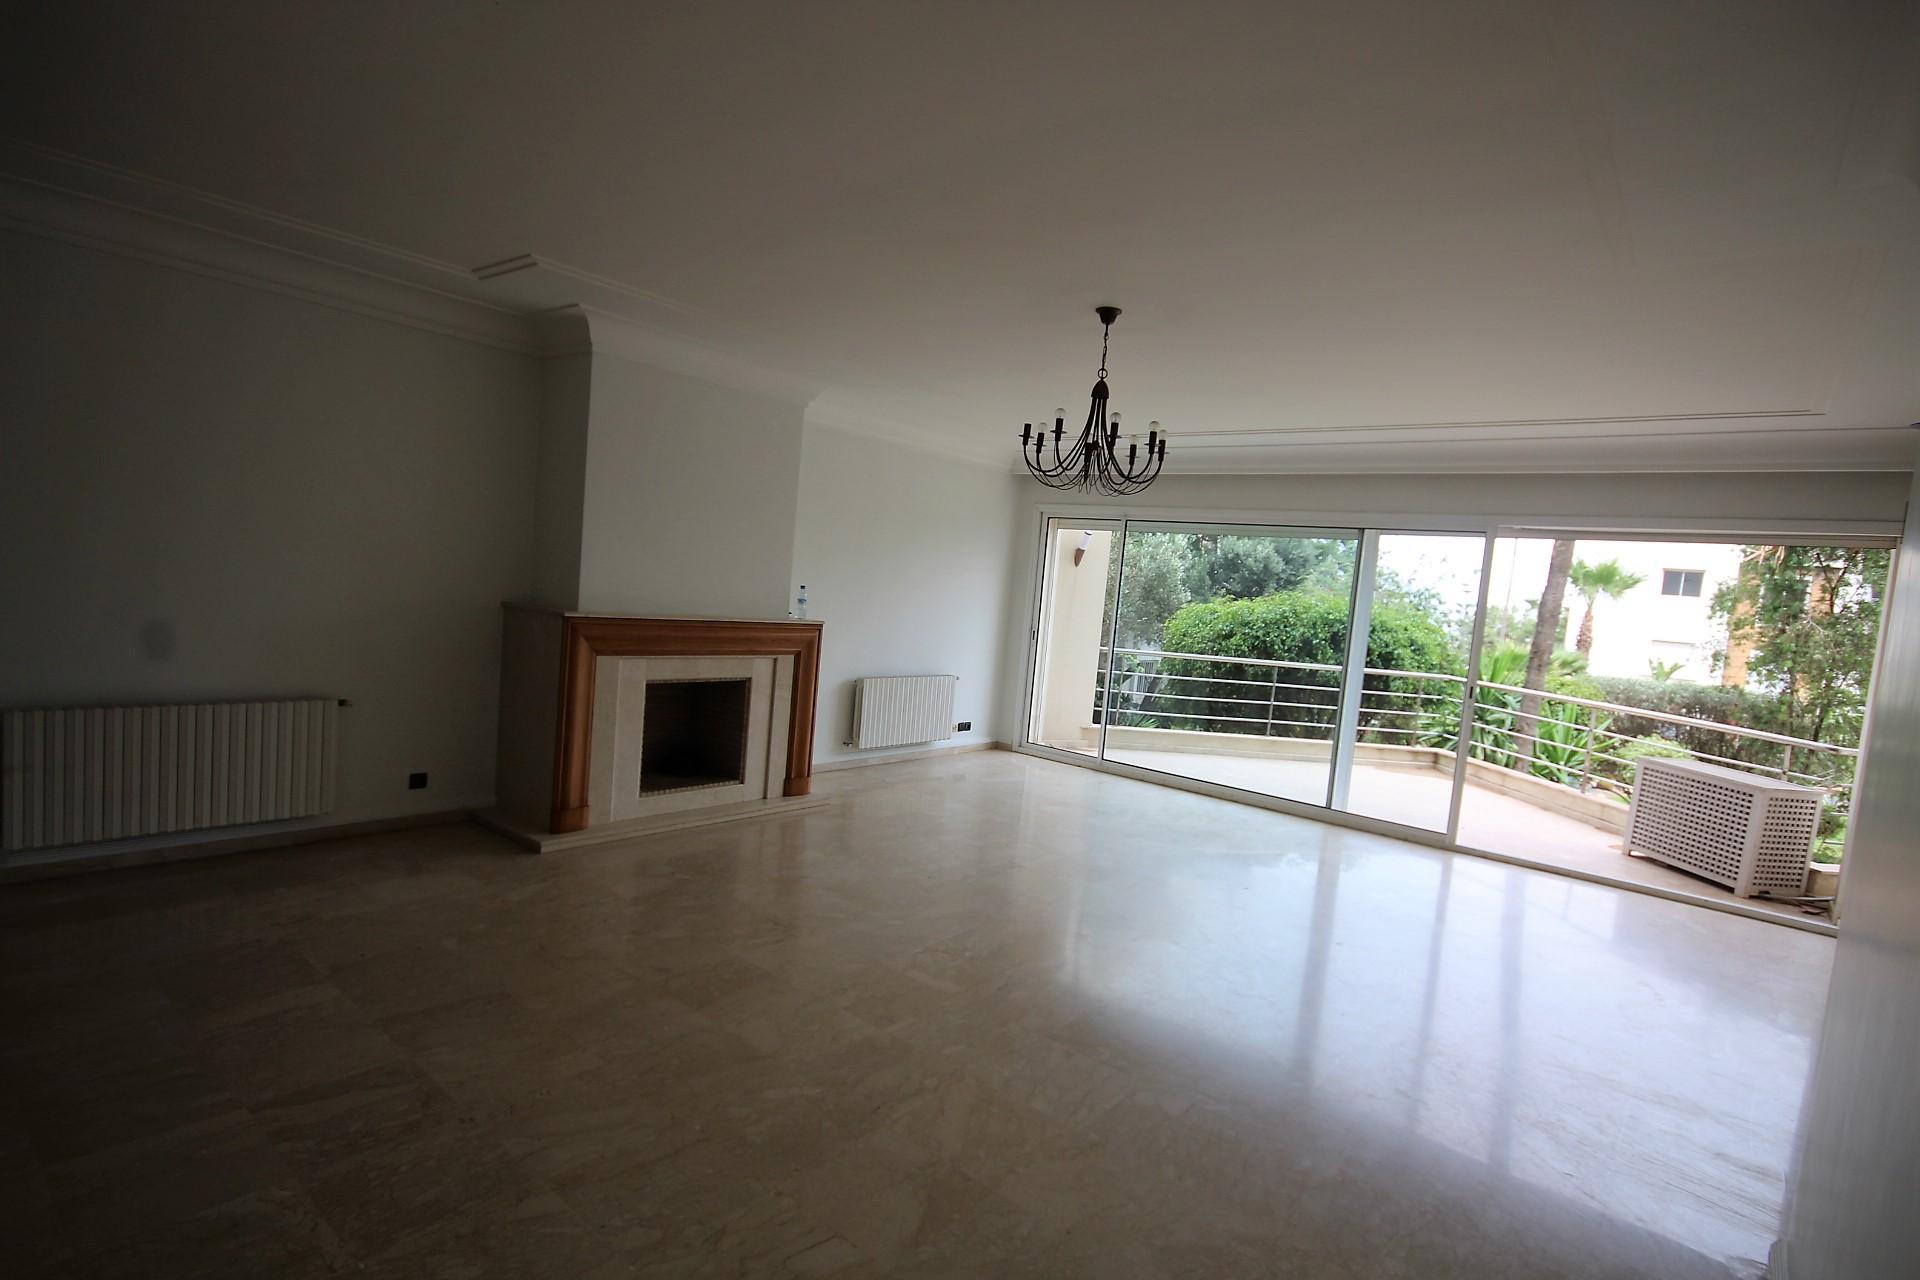 Maroc, Casablanca, Ain Diab proche Sindibad, à louer confortable grand appartement vue mer et terrasse de 200 m²